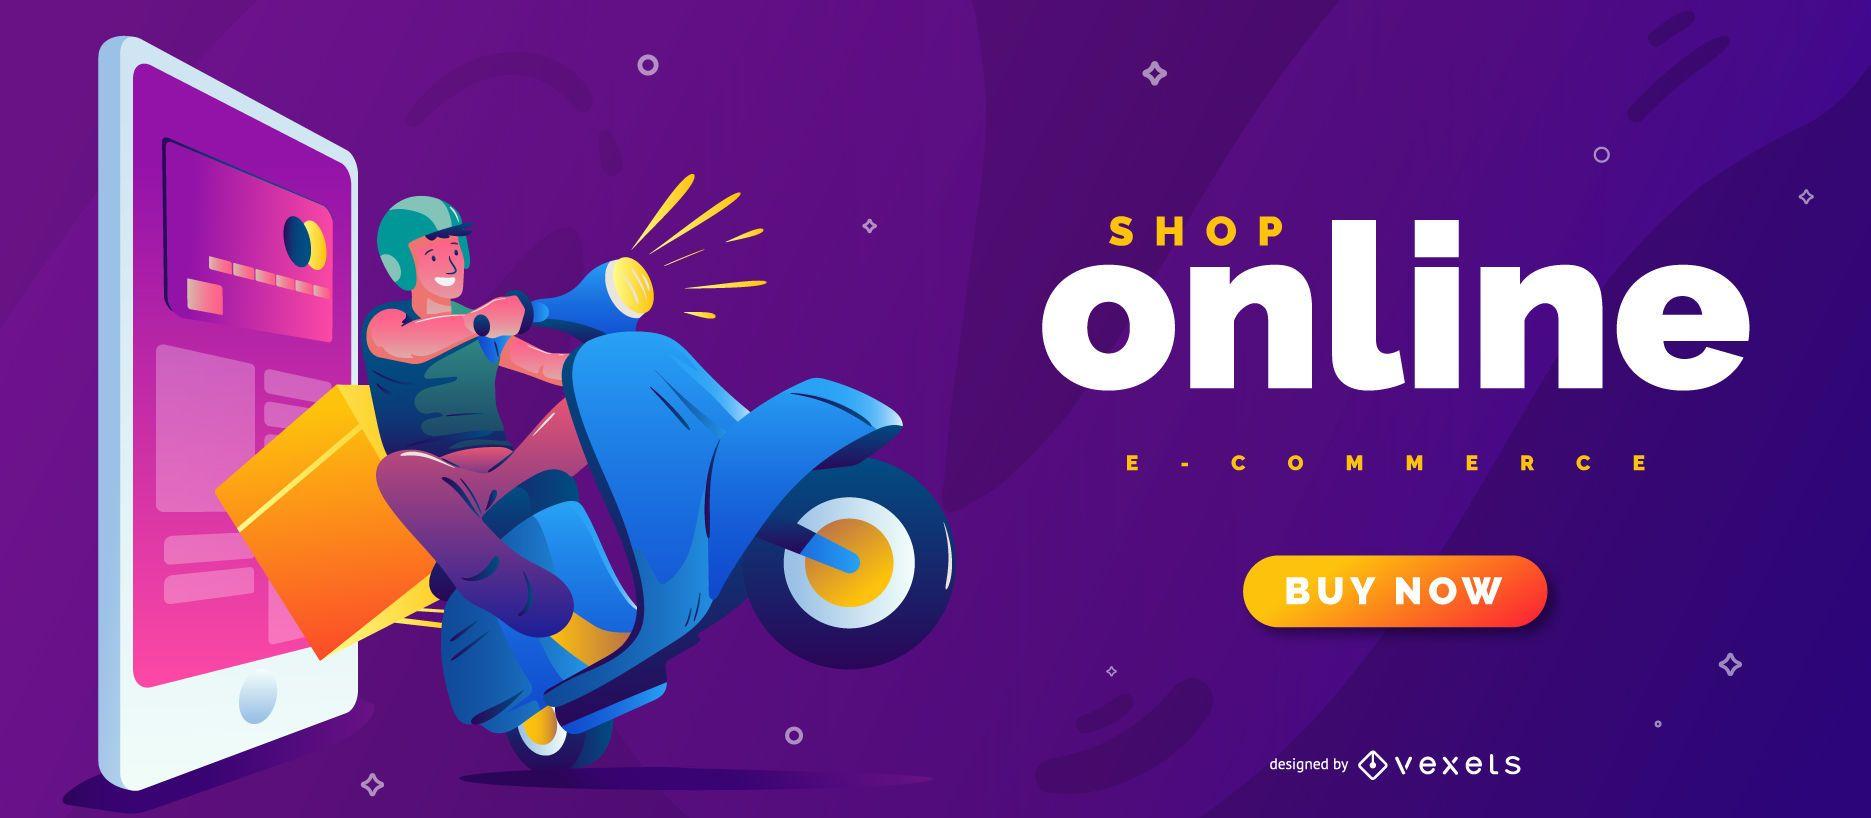 Shop online slider template